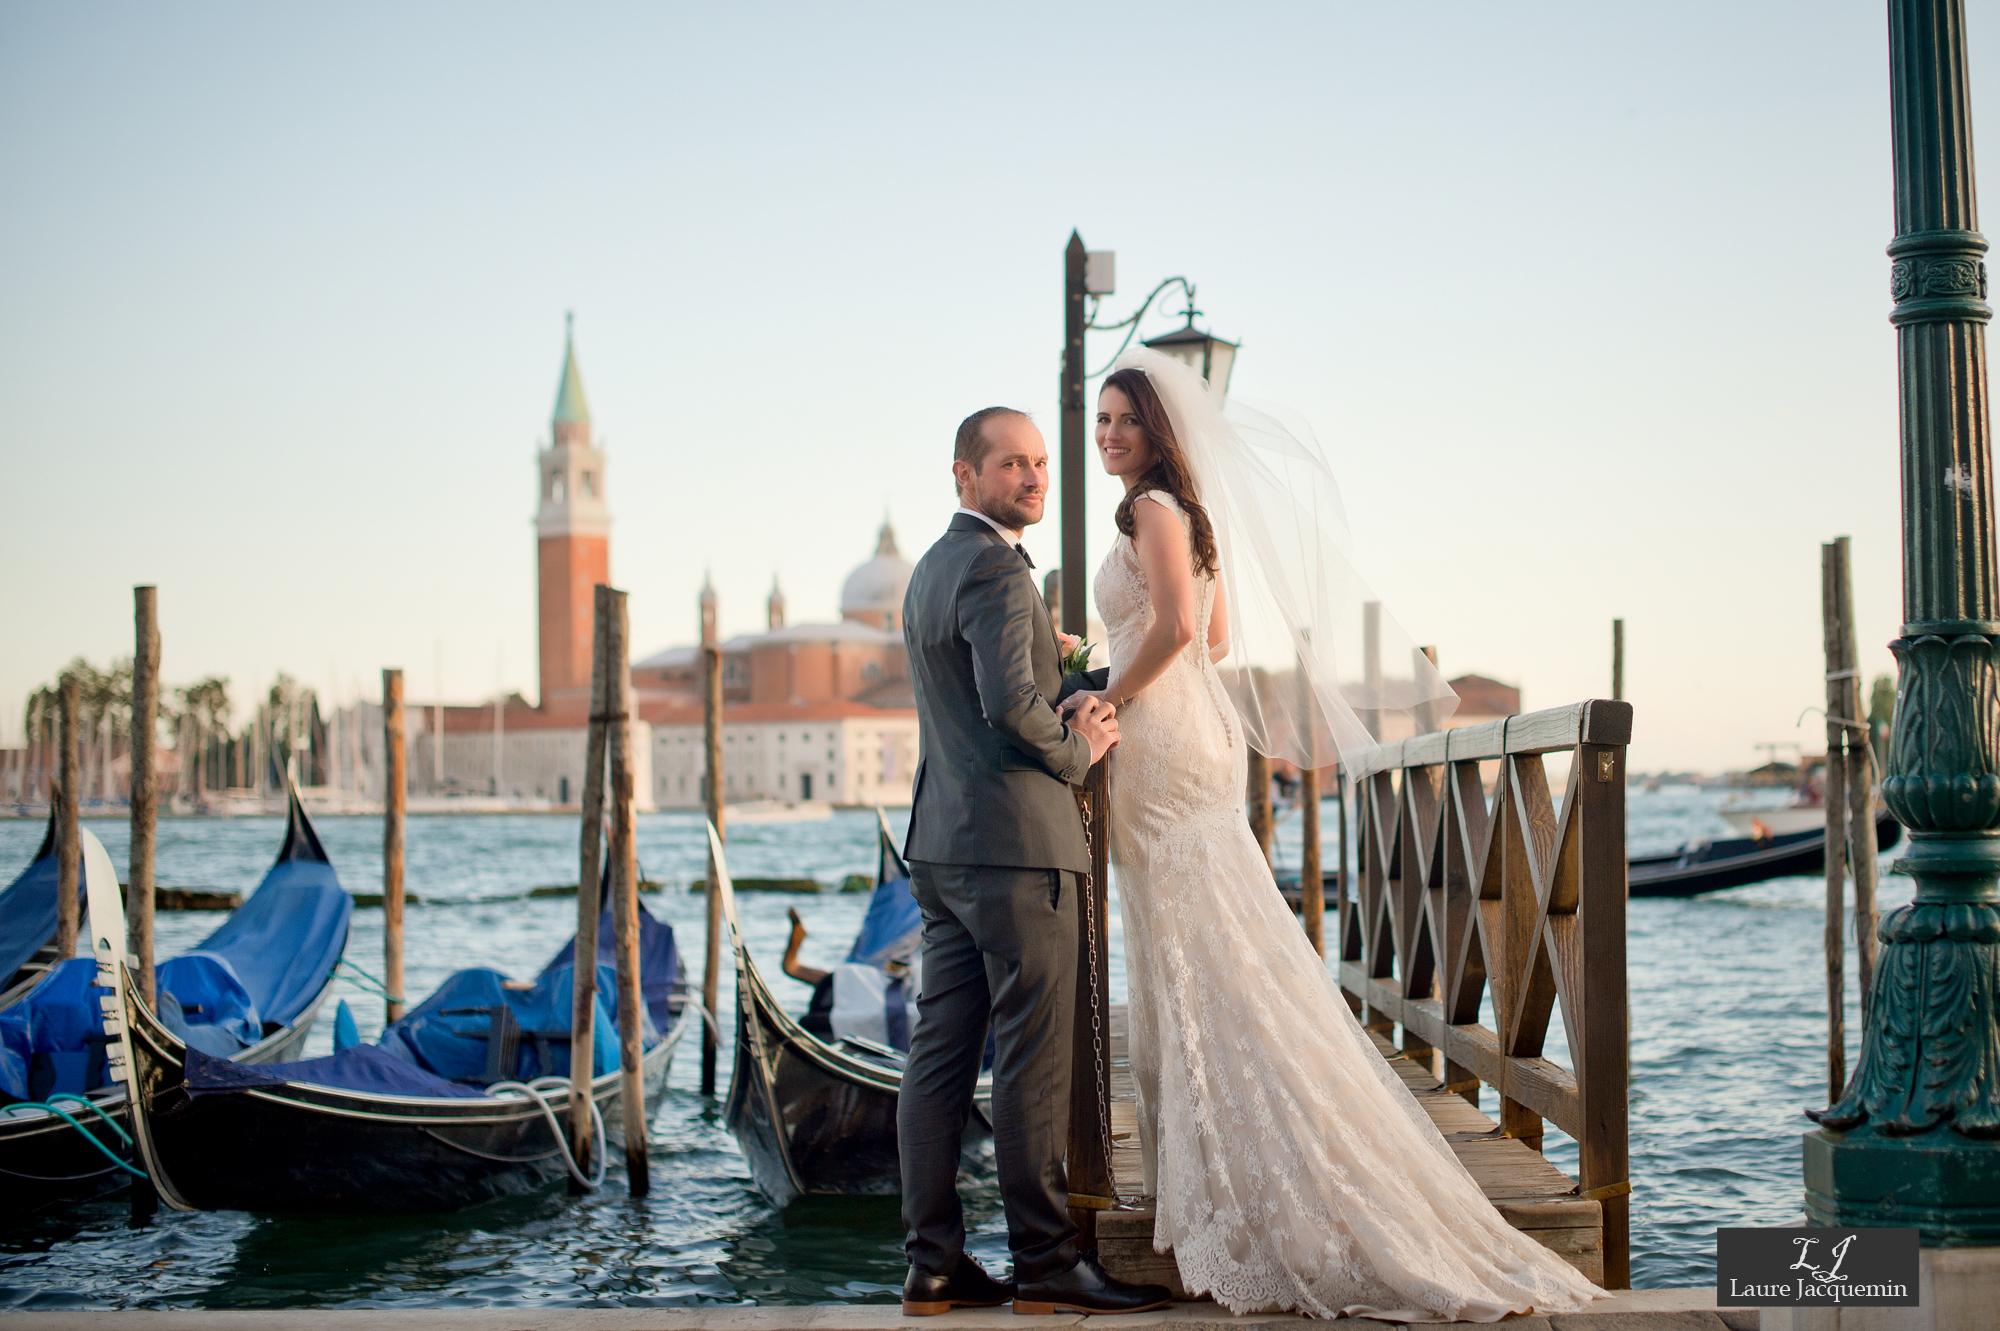 photographe mariage laure jacquemin palazzo cavalli service photographique (104)